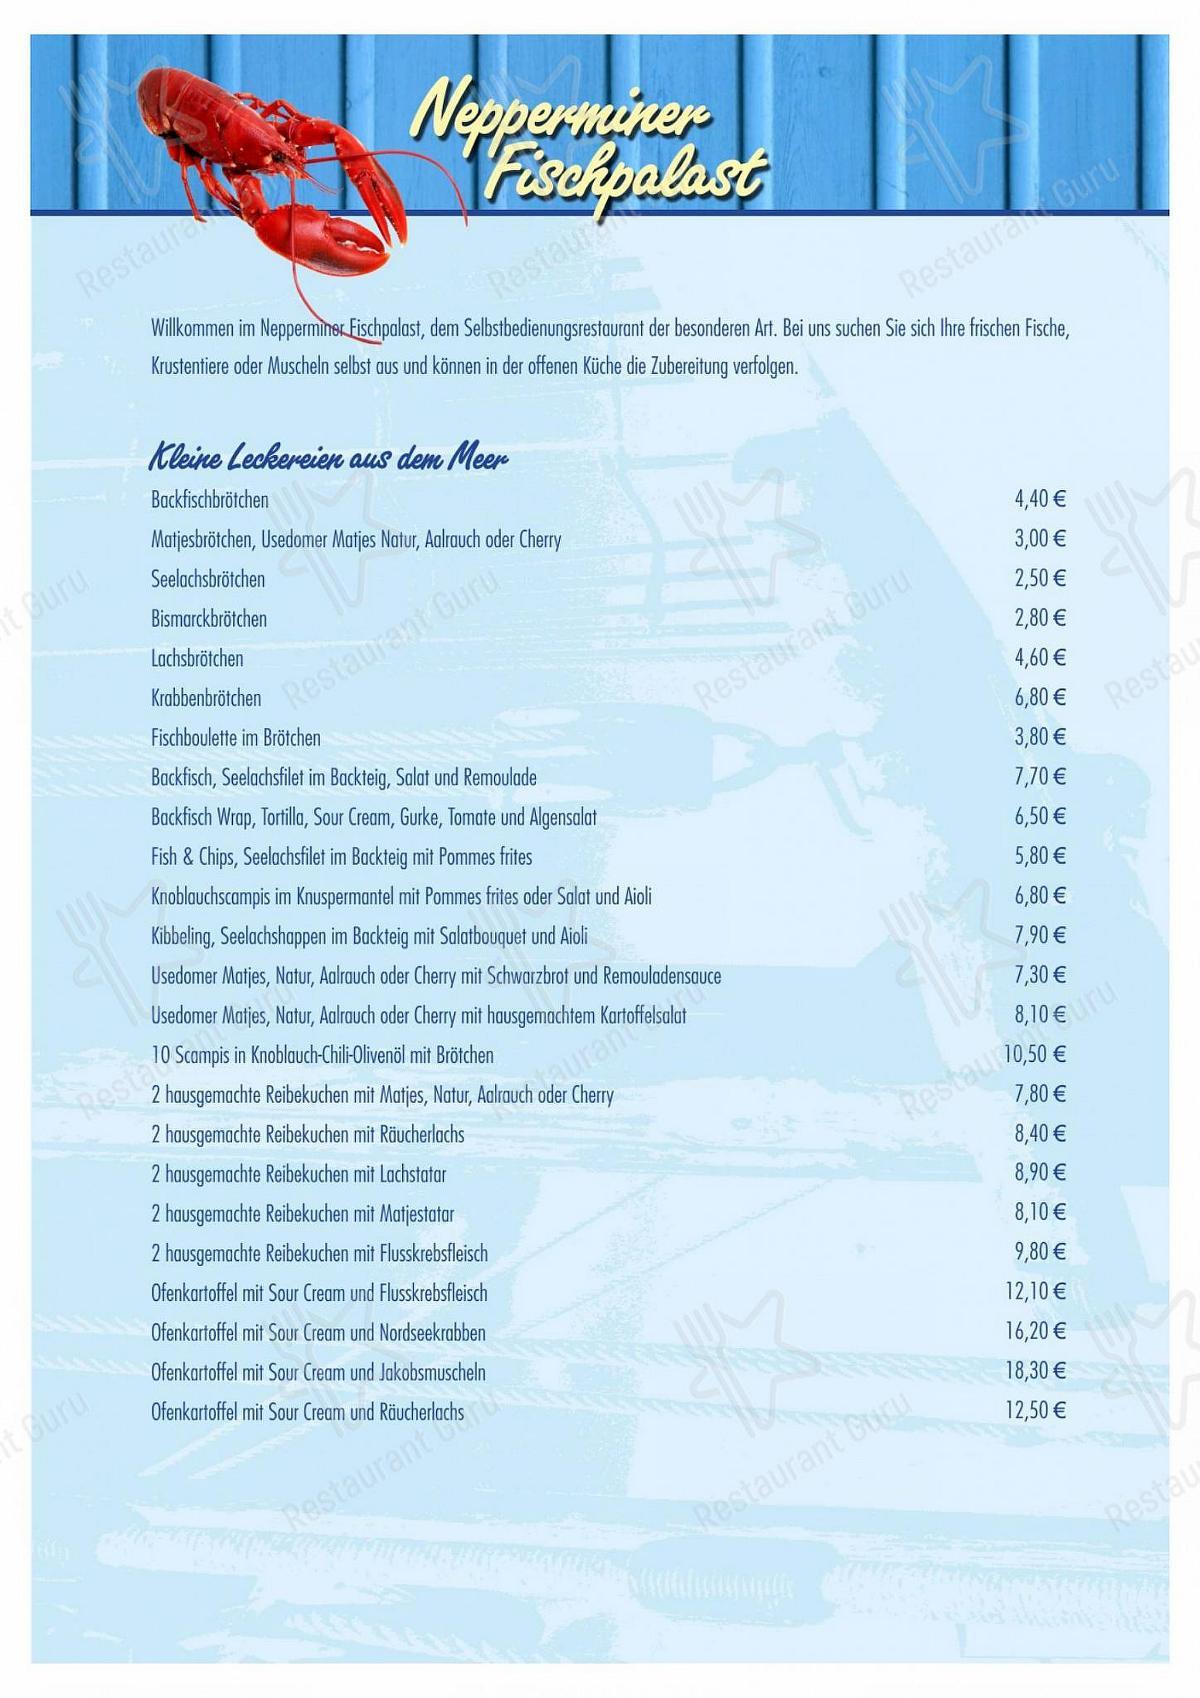 Carta de Nepperminer Fischpalast